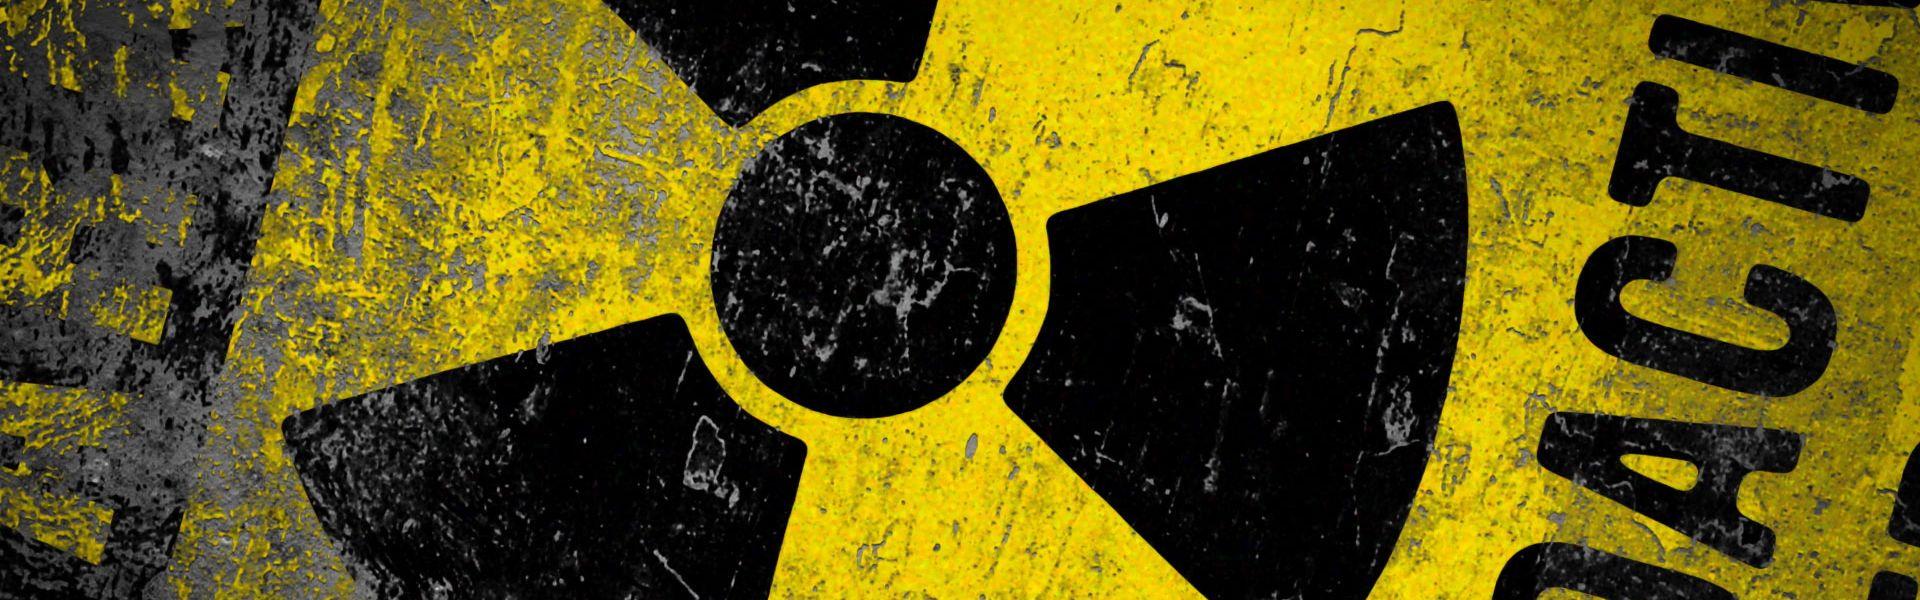 Engenharia em Radioproteção e Segurança do Trabalho